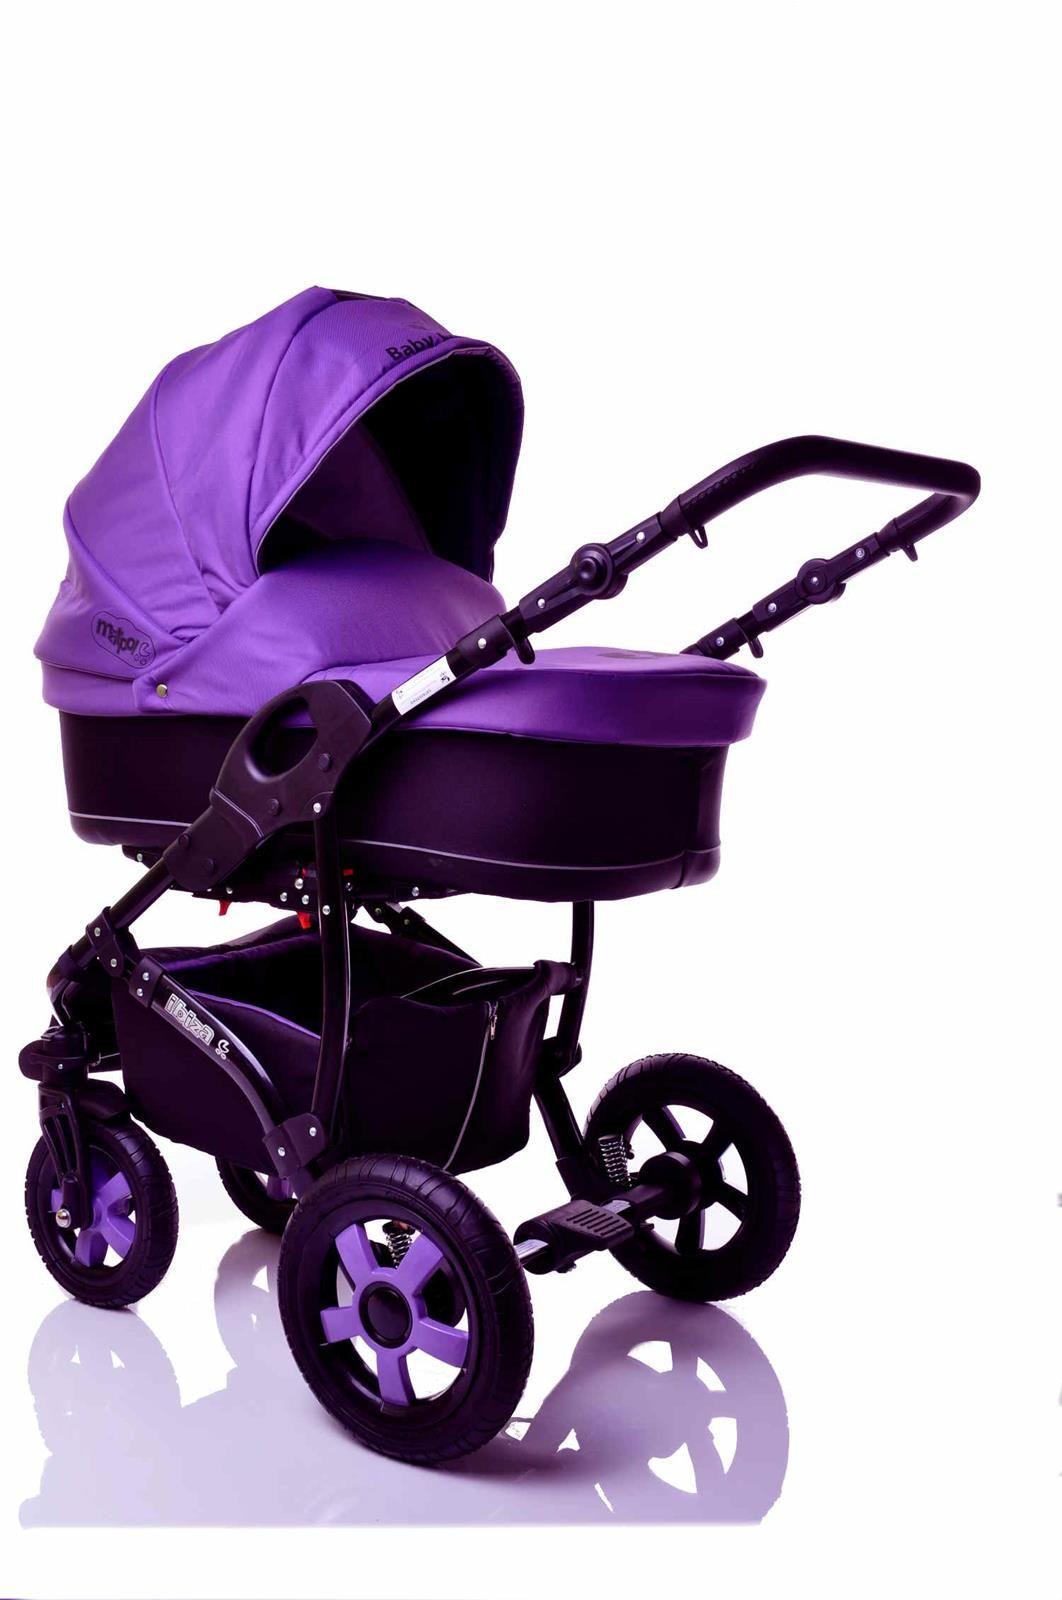 Sunbaby kombinovaný kočárek 2v1 Ibiza 2016 fialová